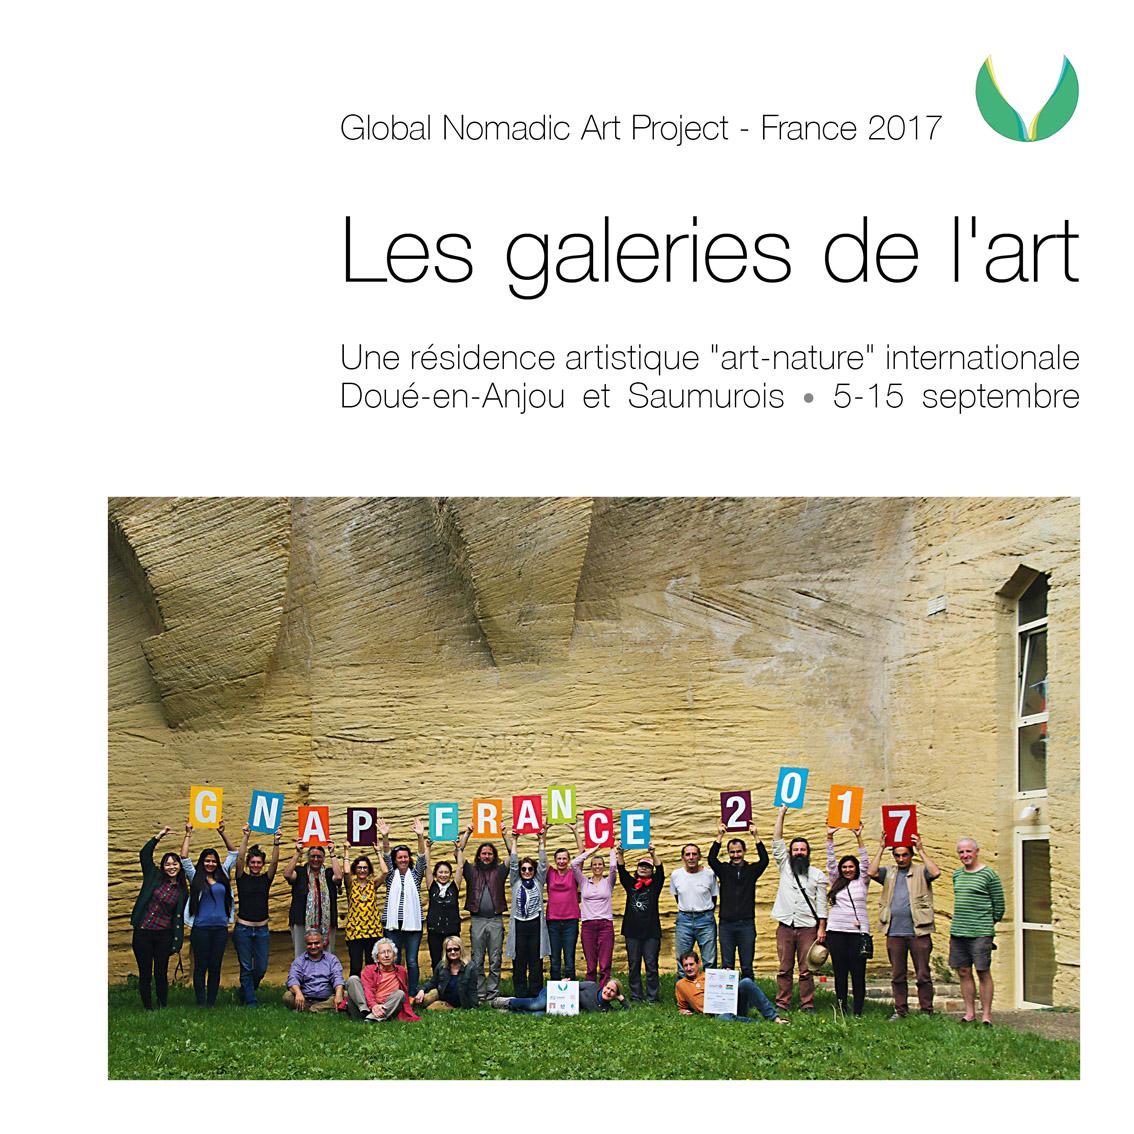 Catalogue de la résidence GNAP France 2017, organisée en Anjou, en septembre 2017.